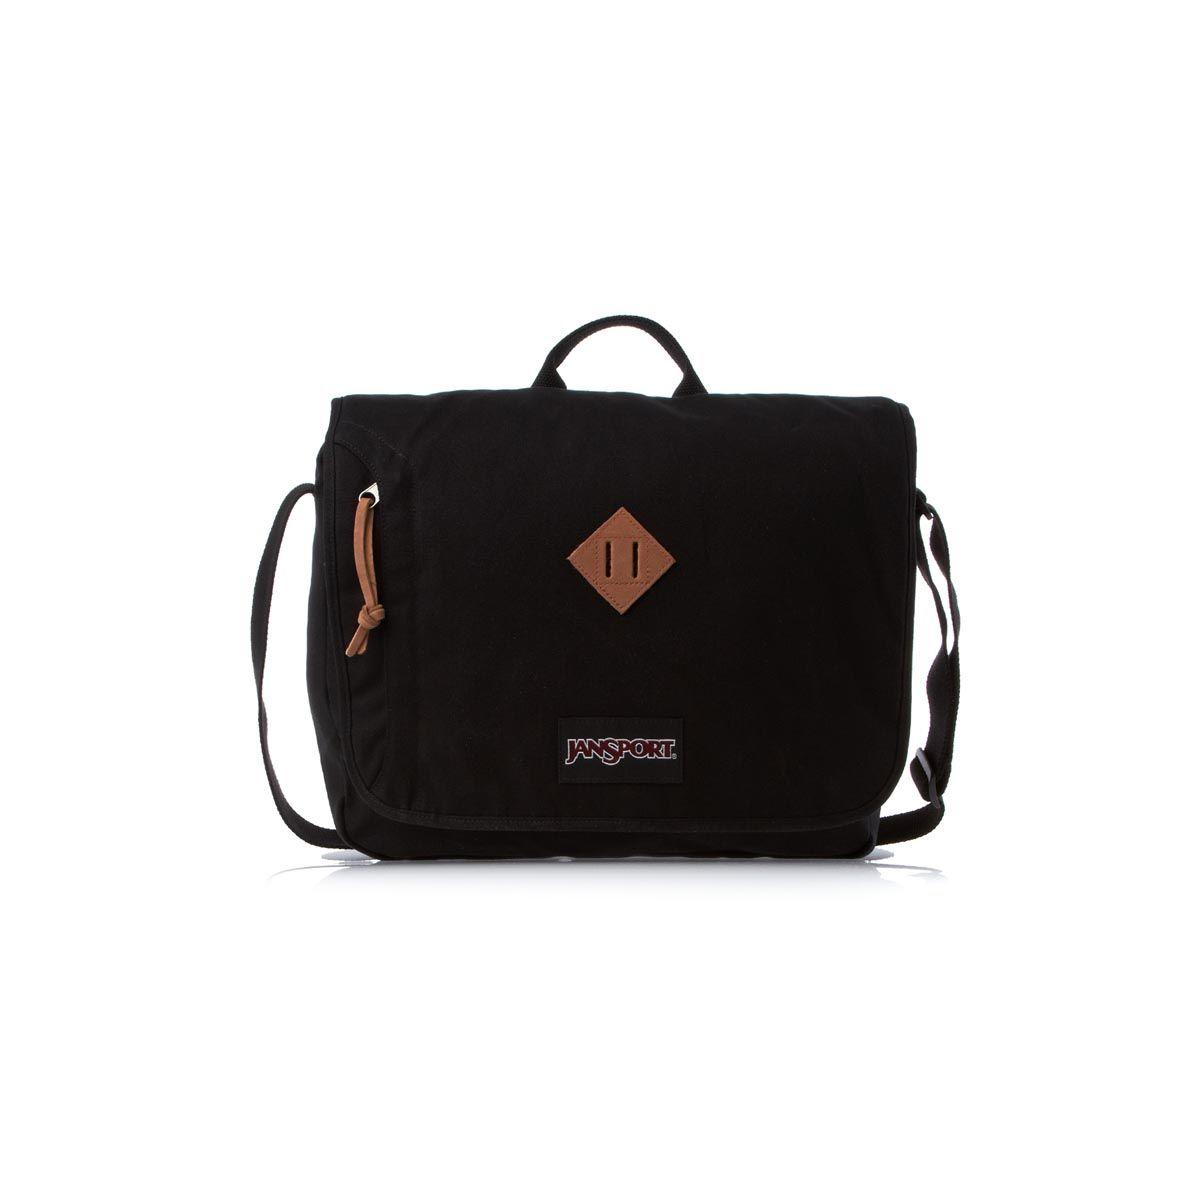 Gym Bag Jansport: JanSport Crosstalk Messenger Bag